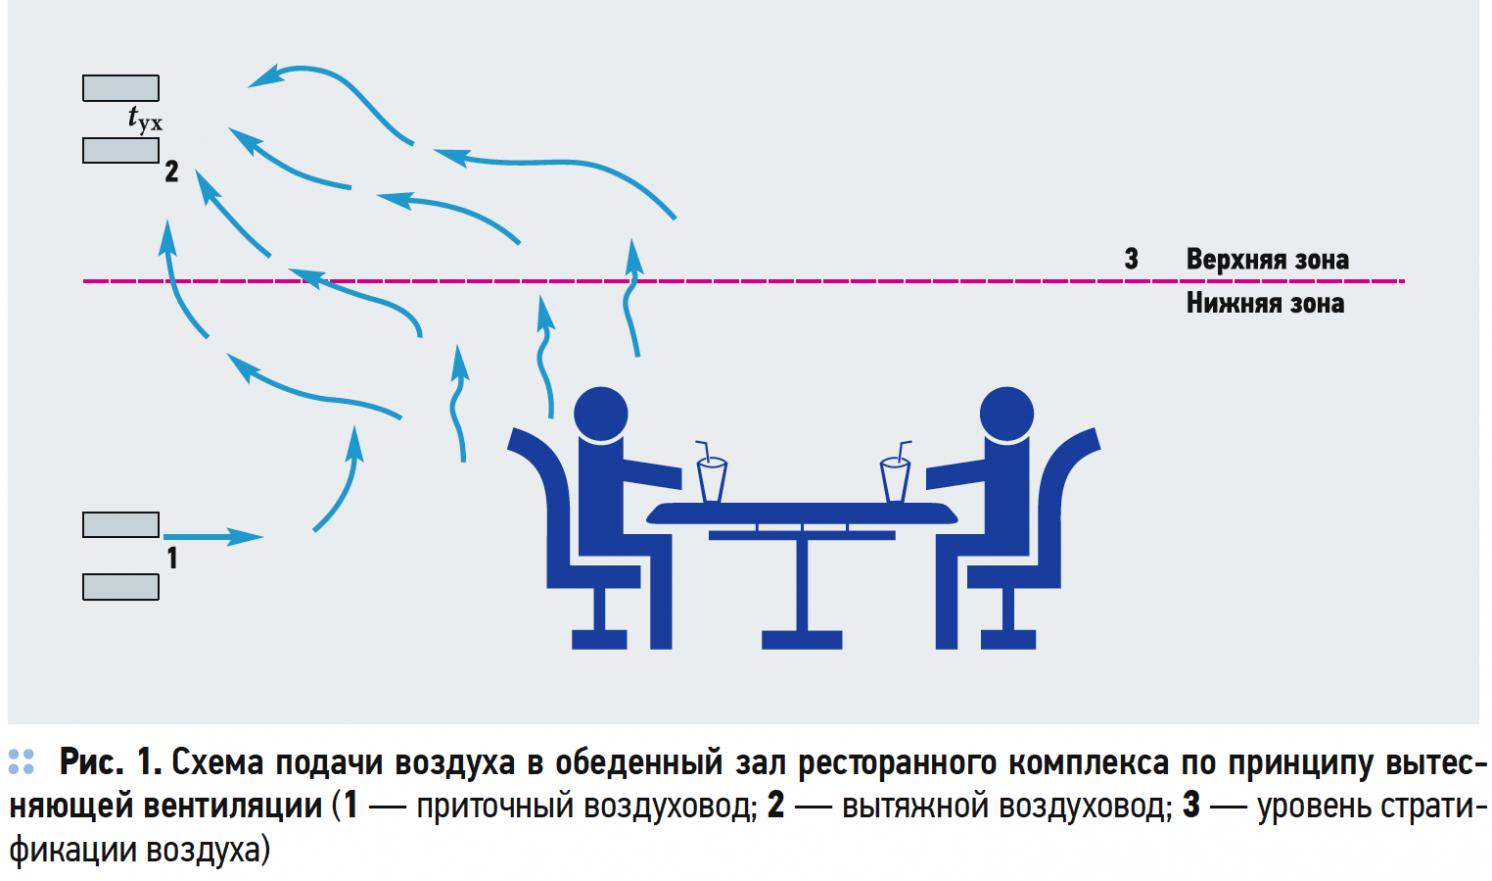 Формирование зон теплового комфорта и дискомфорта в помещениях ресторанных комплексов . 11/2017. Фото 1